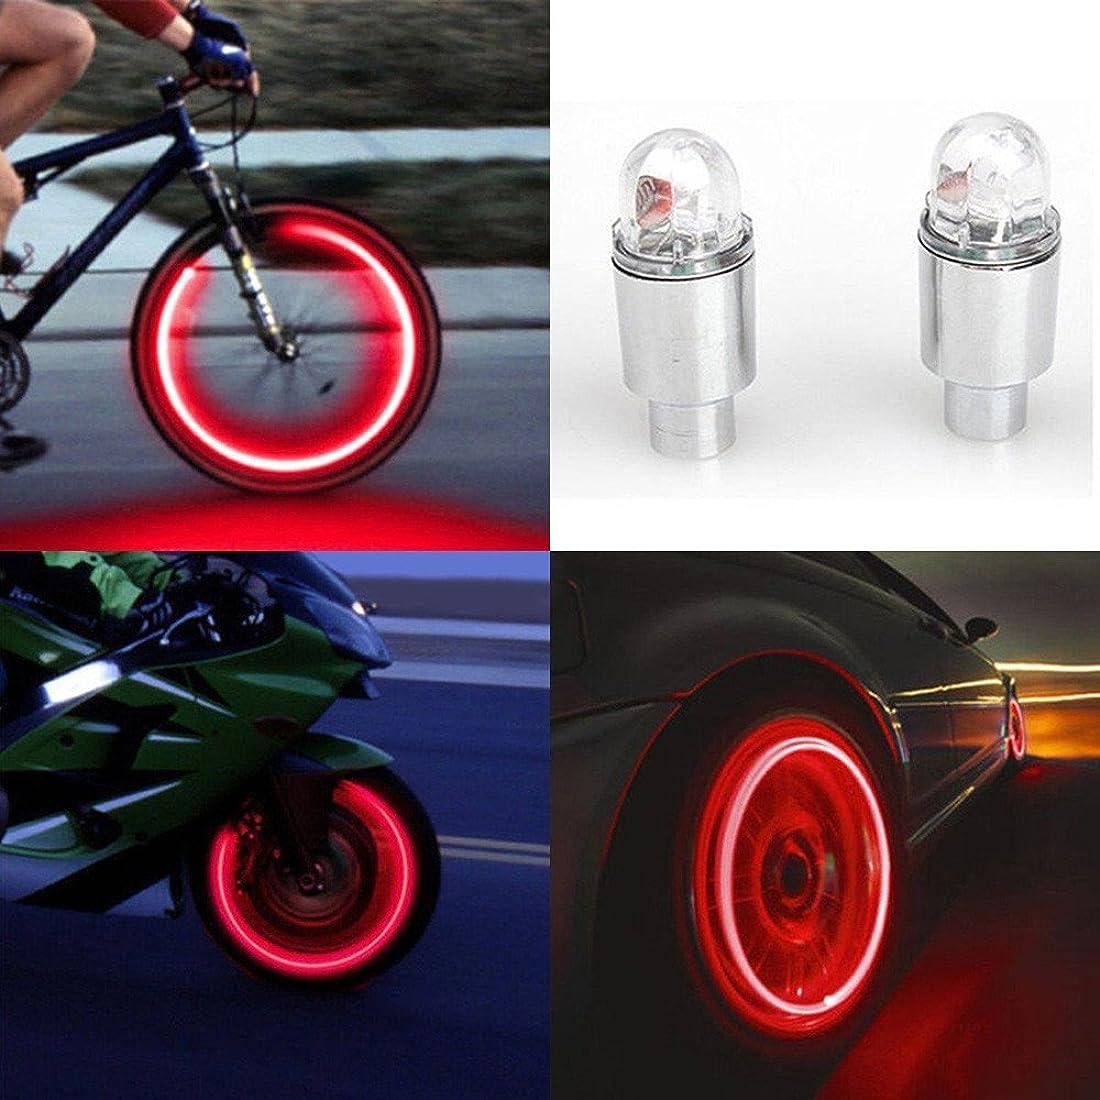 ベース単独で観点Yolaird 自転車 LED ライト タイヤライト 自転車タイヤ用ライト 簡単取り付け 防水 夜間 事故 防止 デコレーションラ ンプ ネオンライト